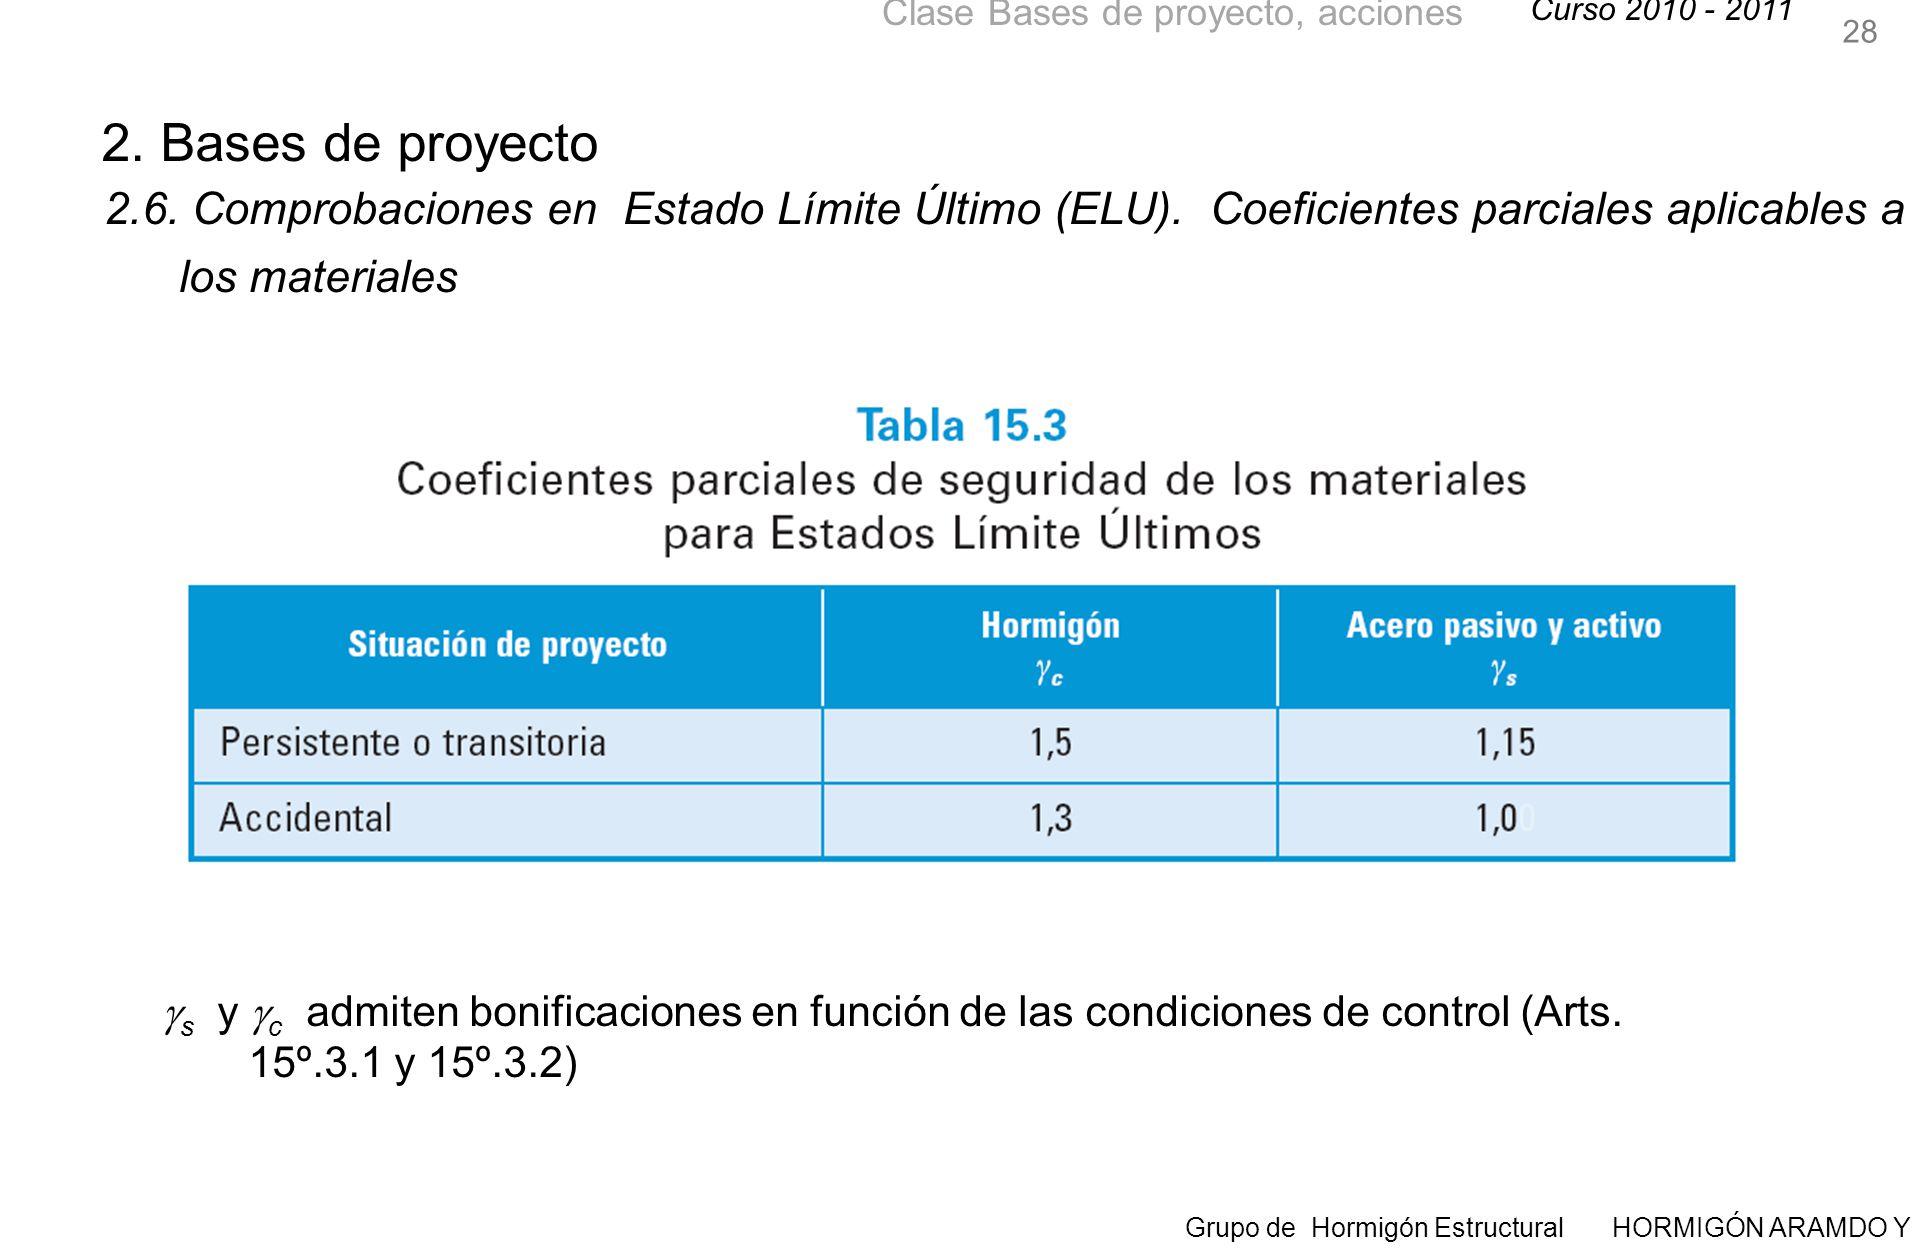 Curso 2010 - 2011 Grupo de Hormigón Estructural HORMIGÓN ARAMDO Y PRETENSADO II Clase Bases de proyecto, acciones 28 2.6.